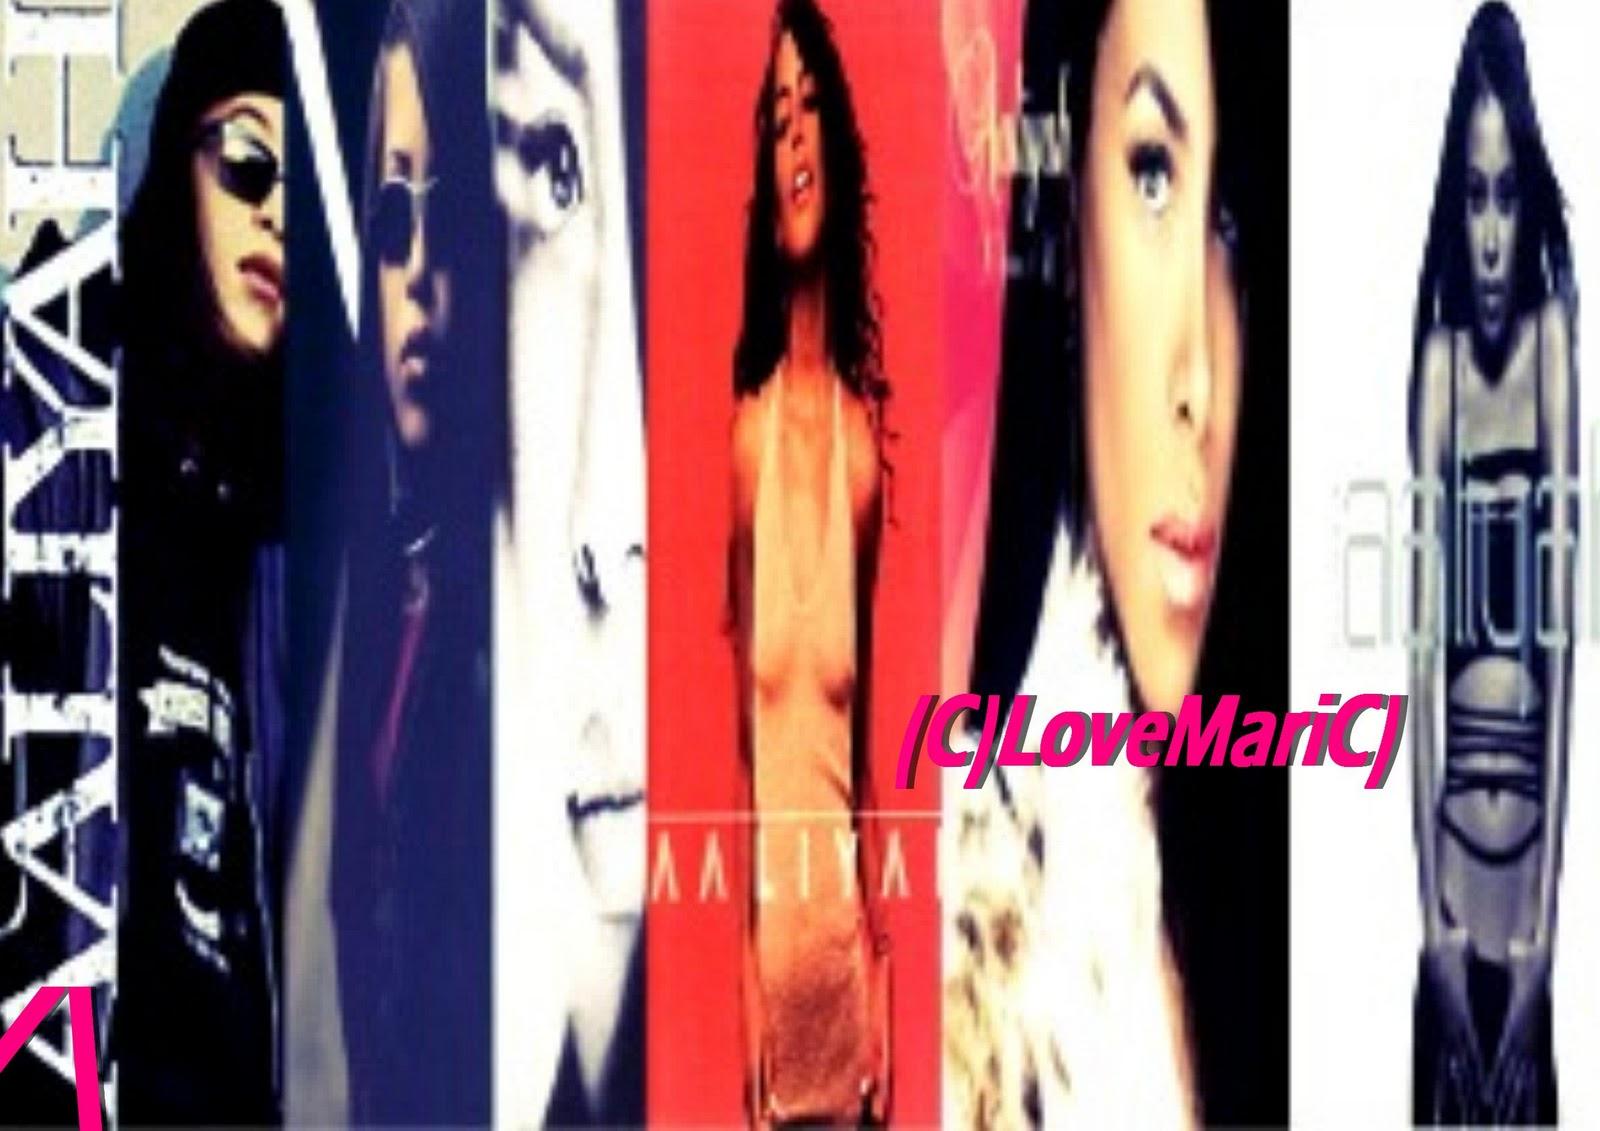 http://4.bp.blogspot.com/-UmLLImEg_mY/Tu9a67Wb1qI/AAAAAAAAClM/0lHnsvQwI_Y/s1600/aaliyah2.jpg